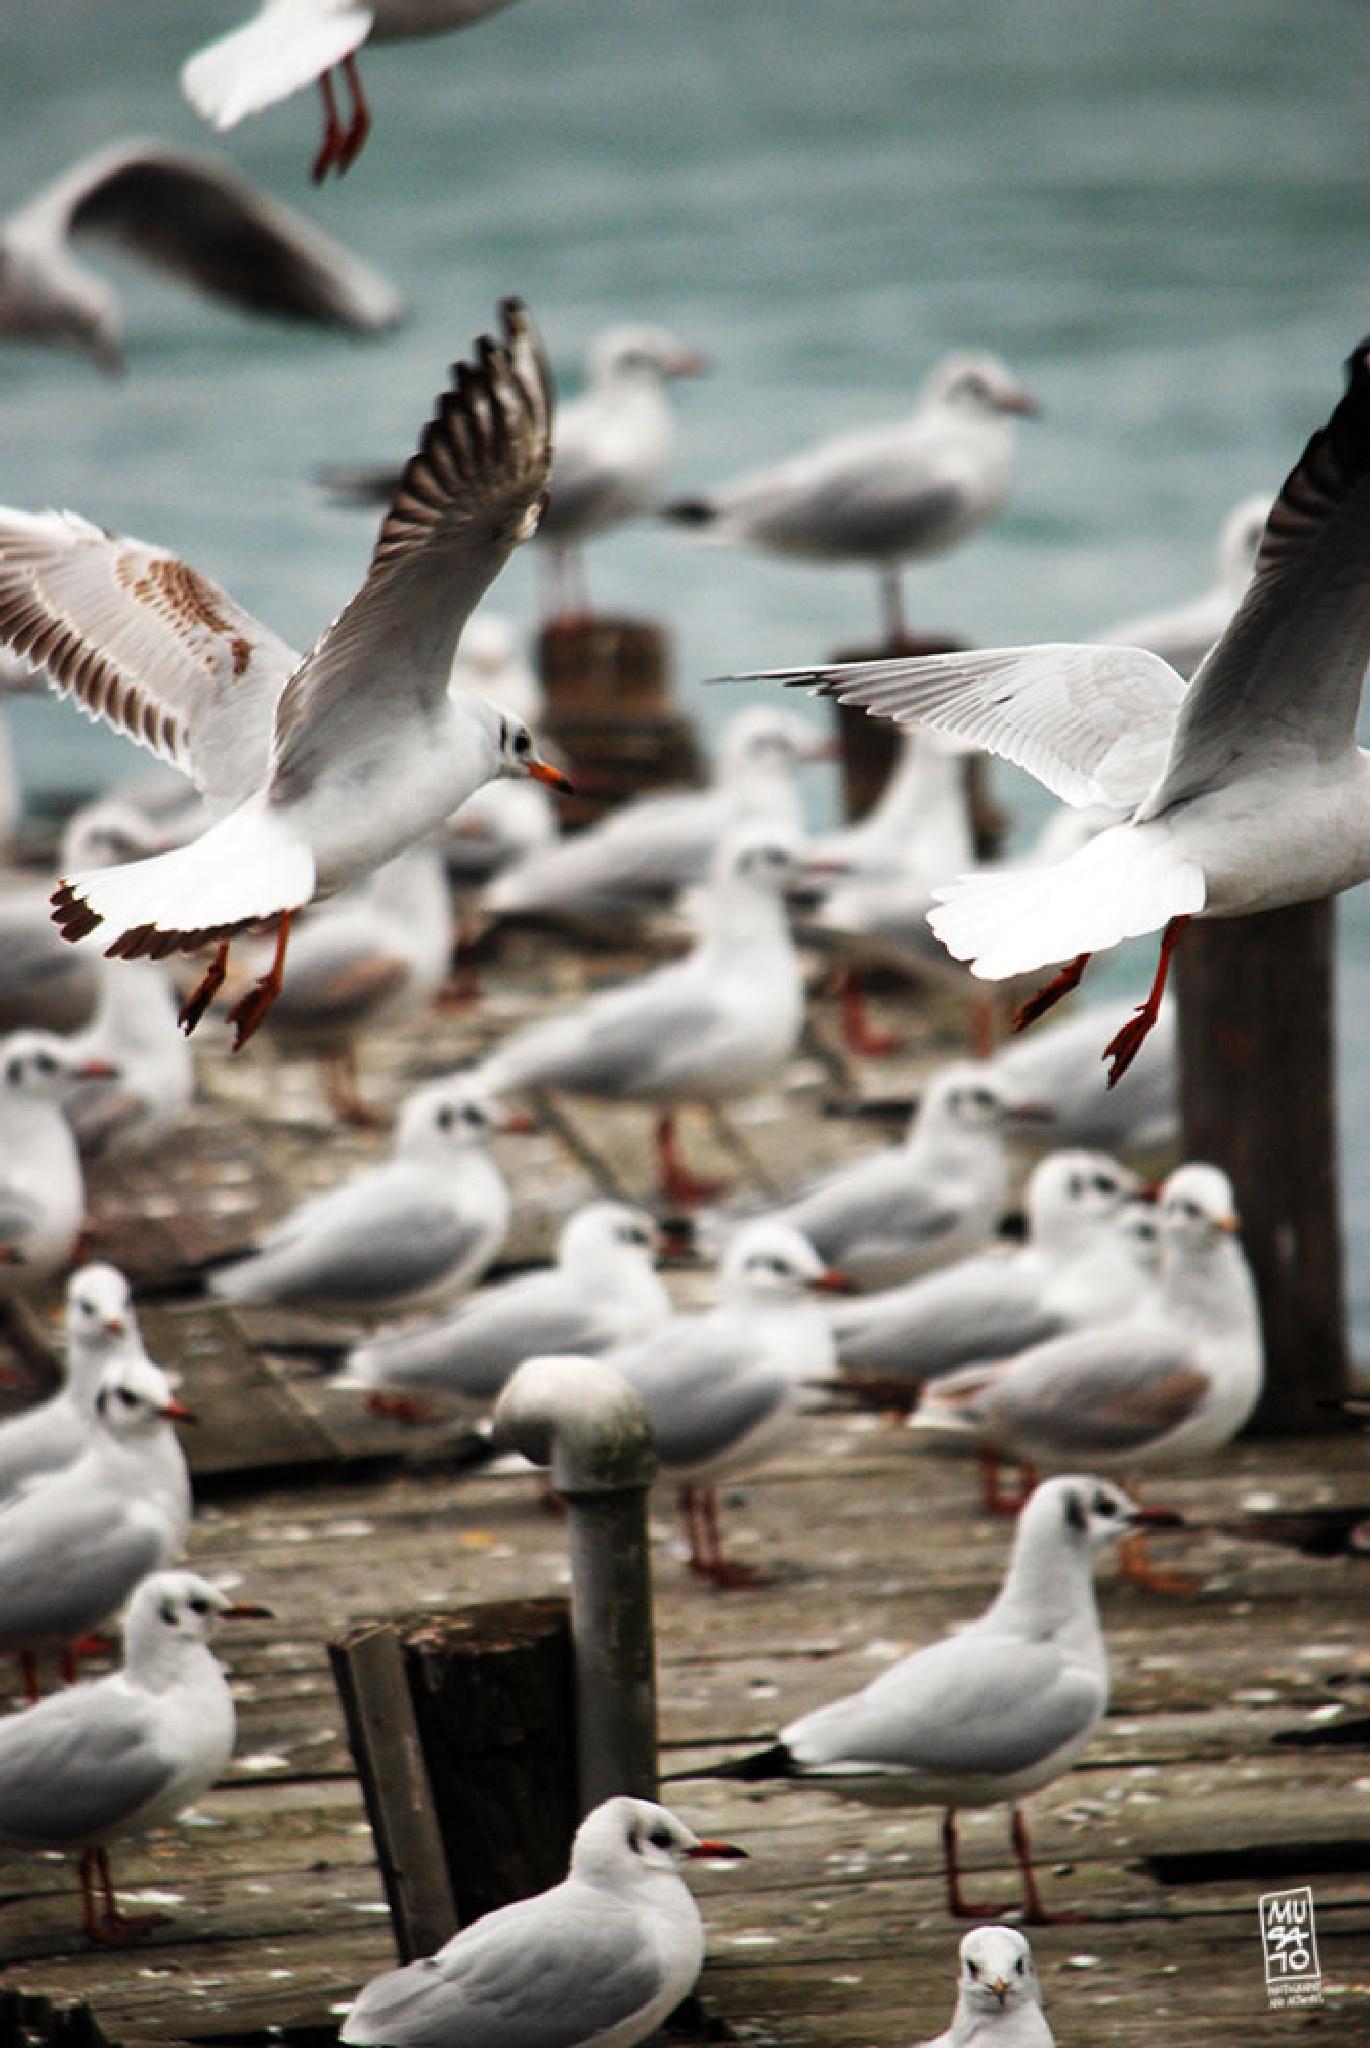 Seagulls by Musato